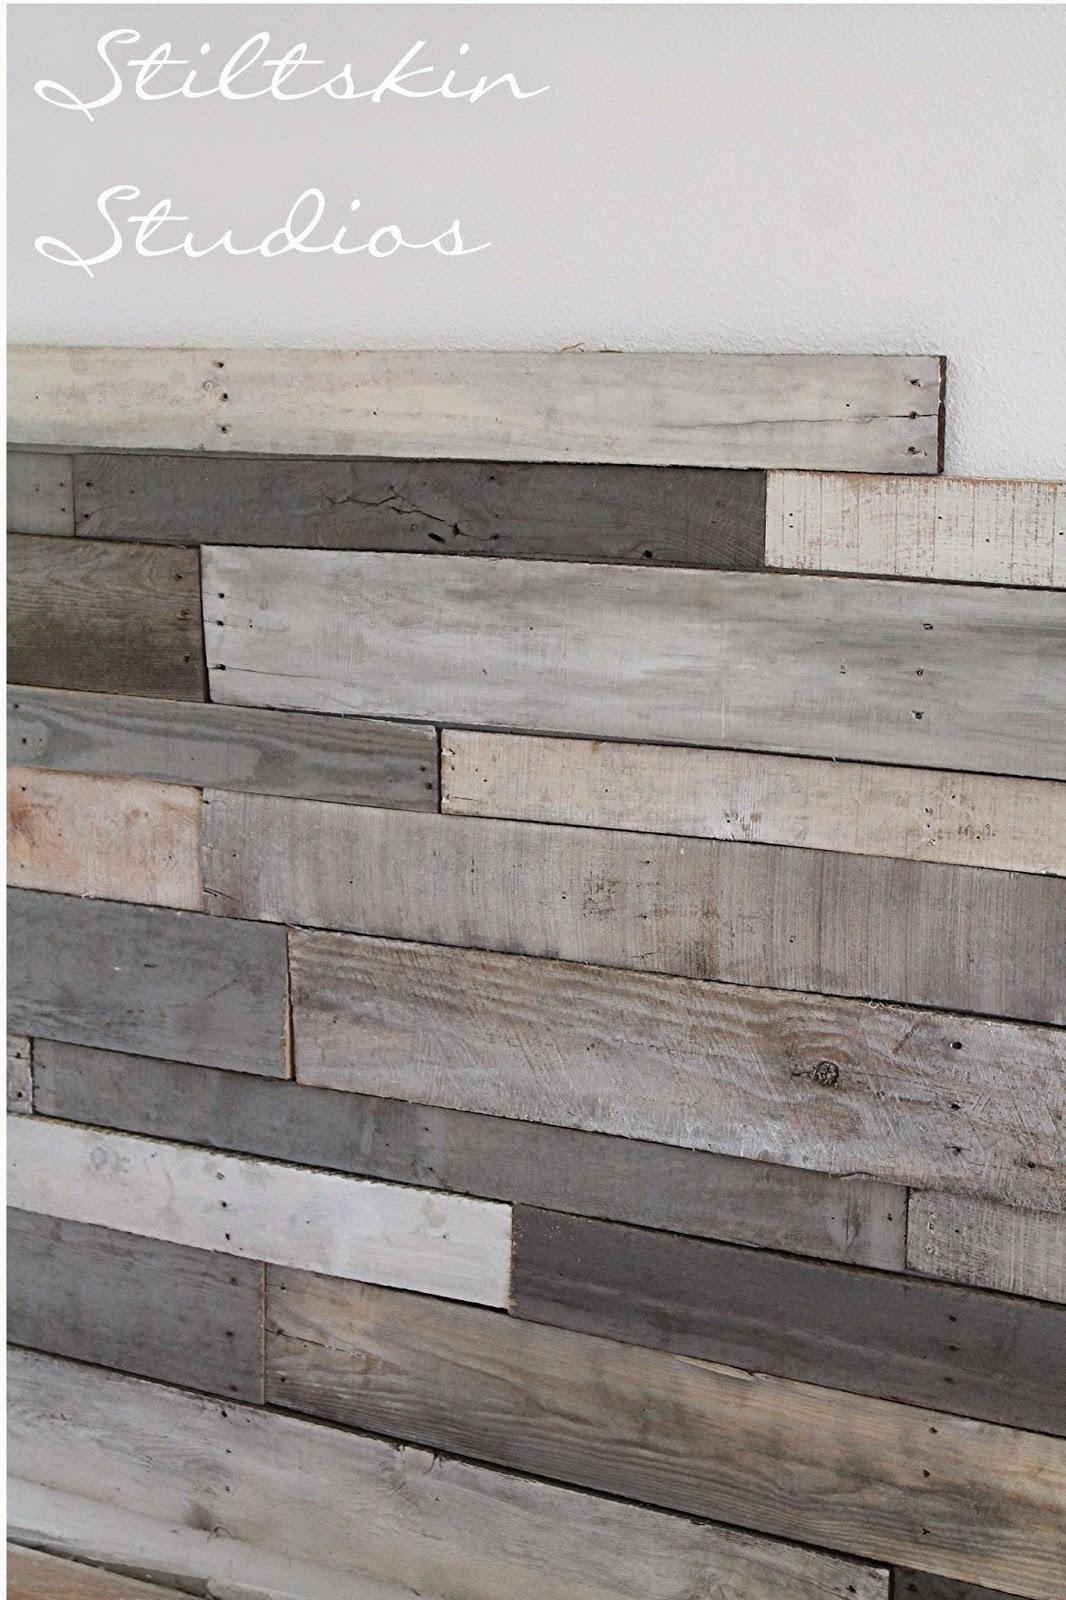 Stiltskin Studios Pallet Wall